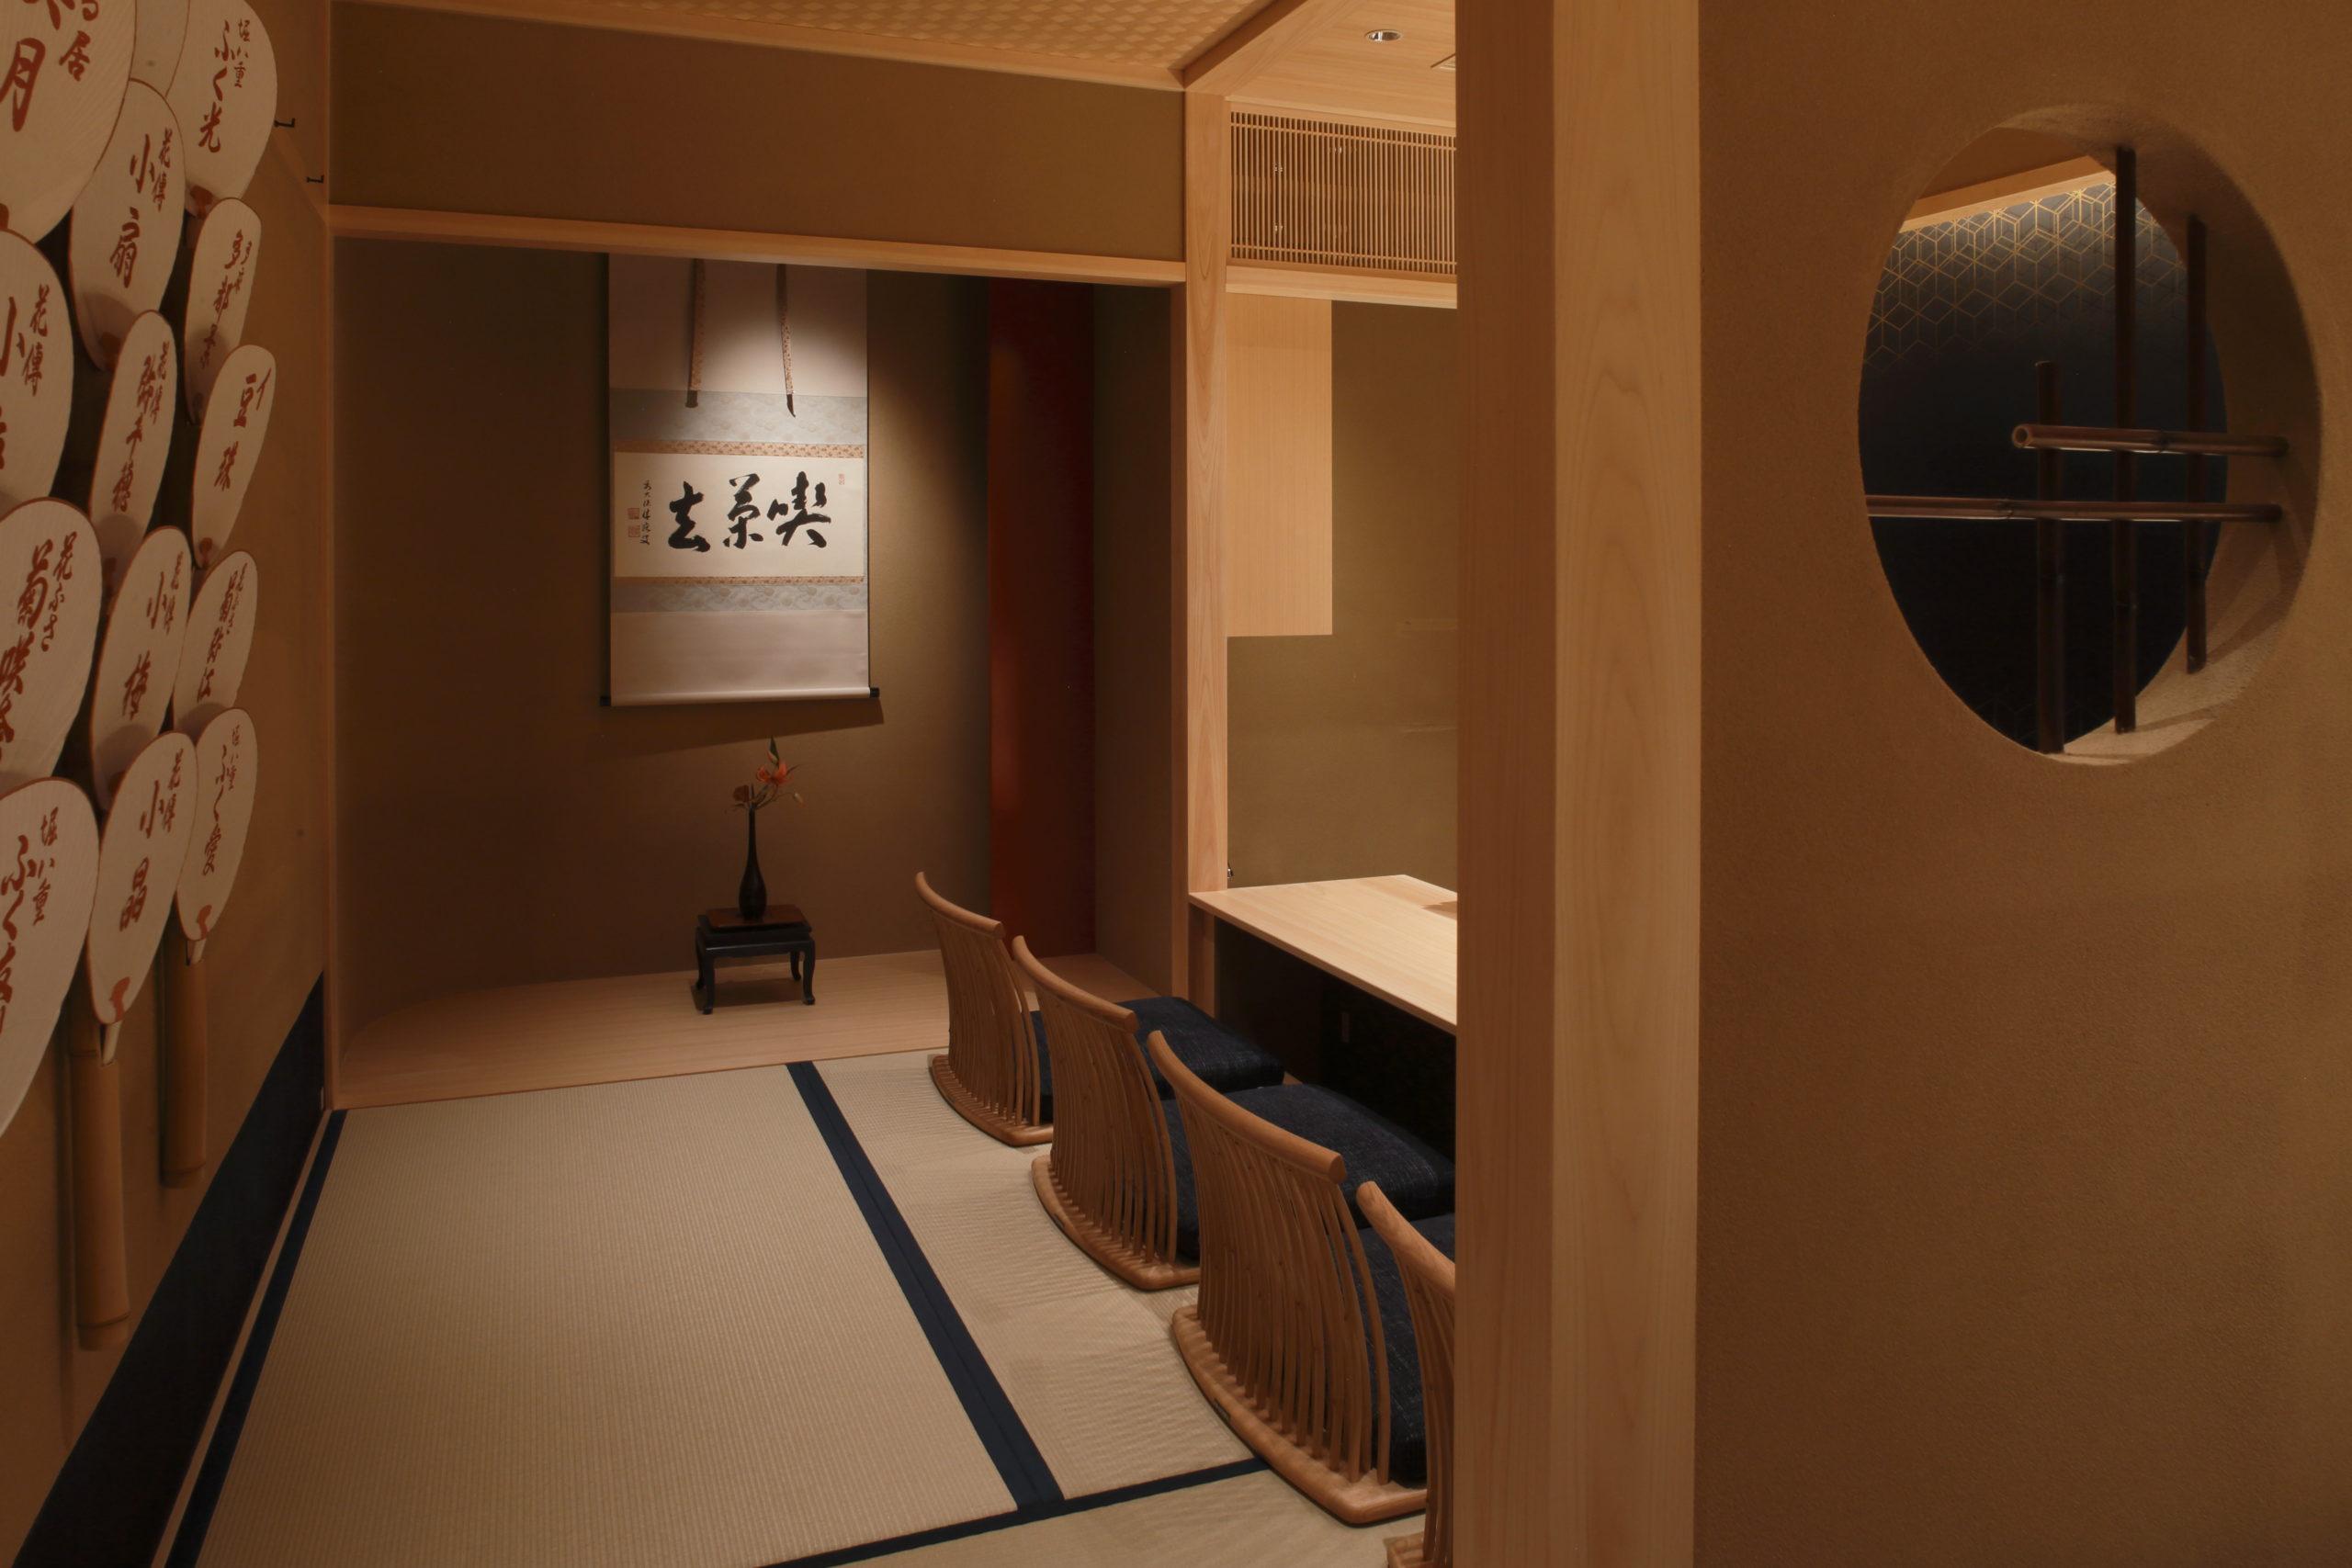 お茶屋の雰囲気の中で、昼は京風スイーツを。夜はカクテルなどが楽しめます。